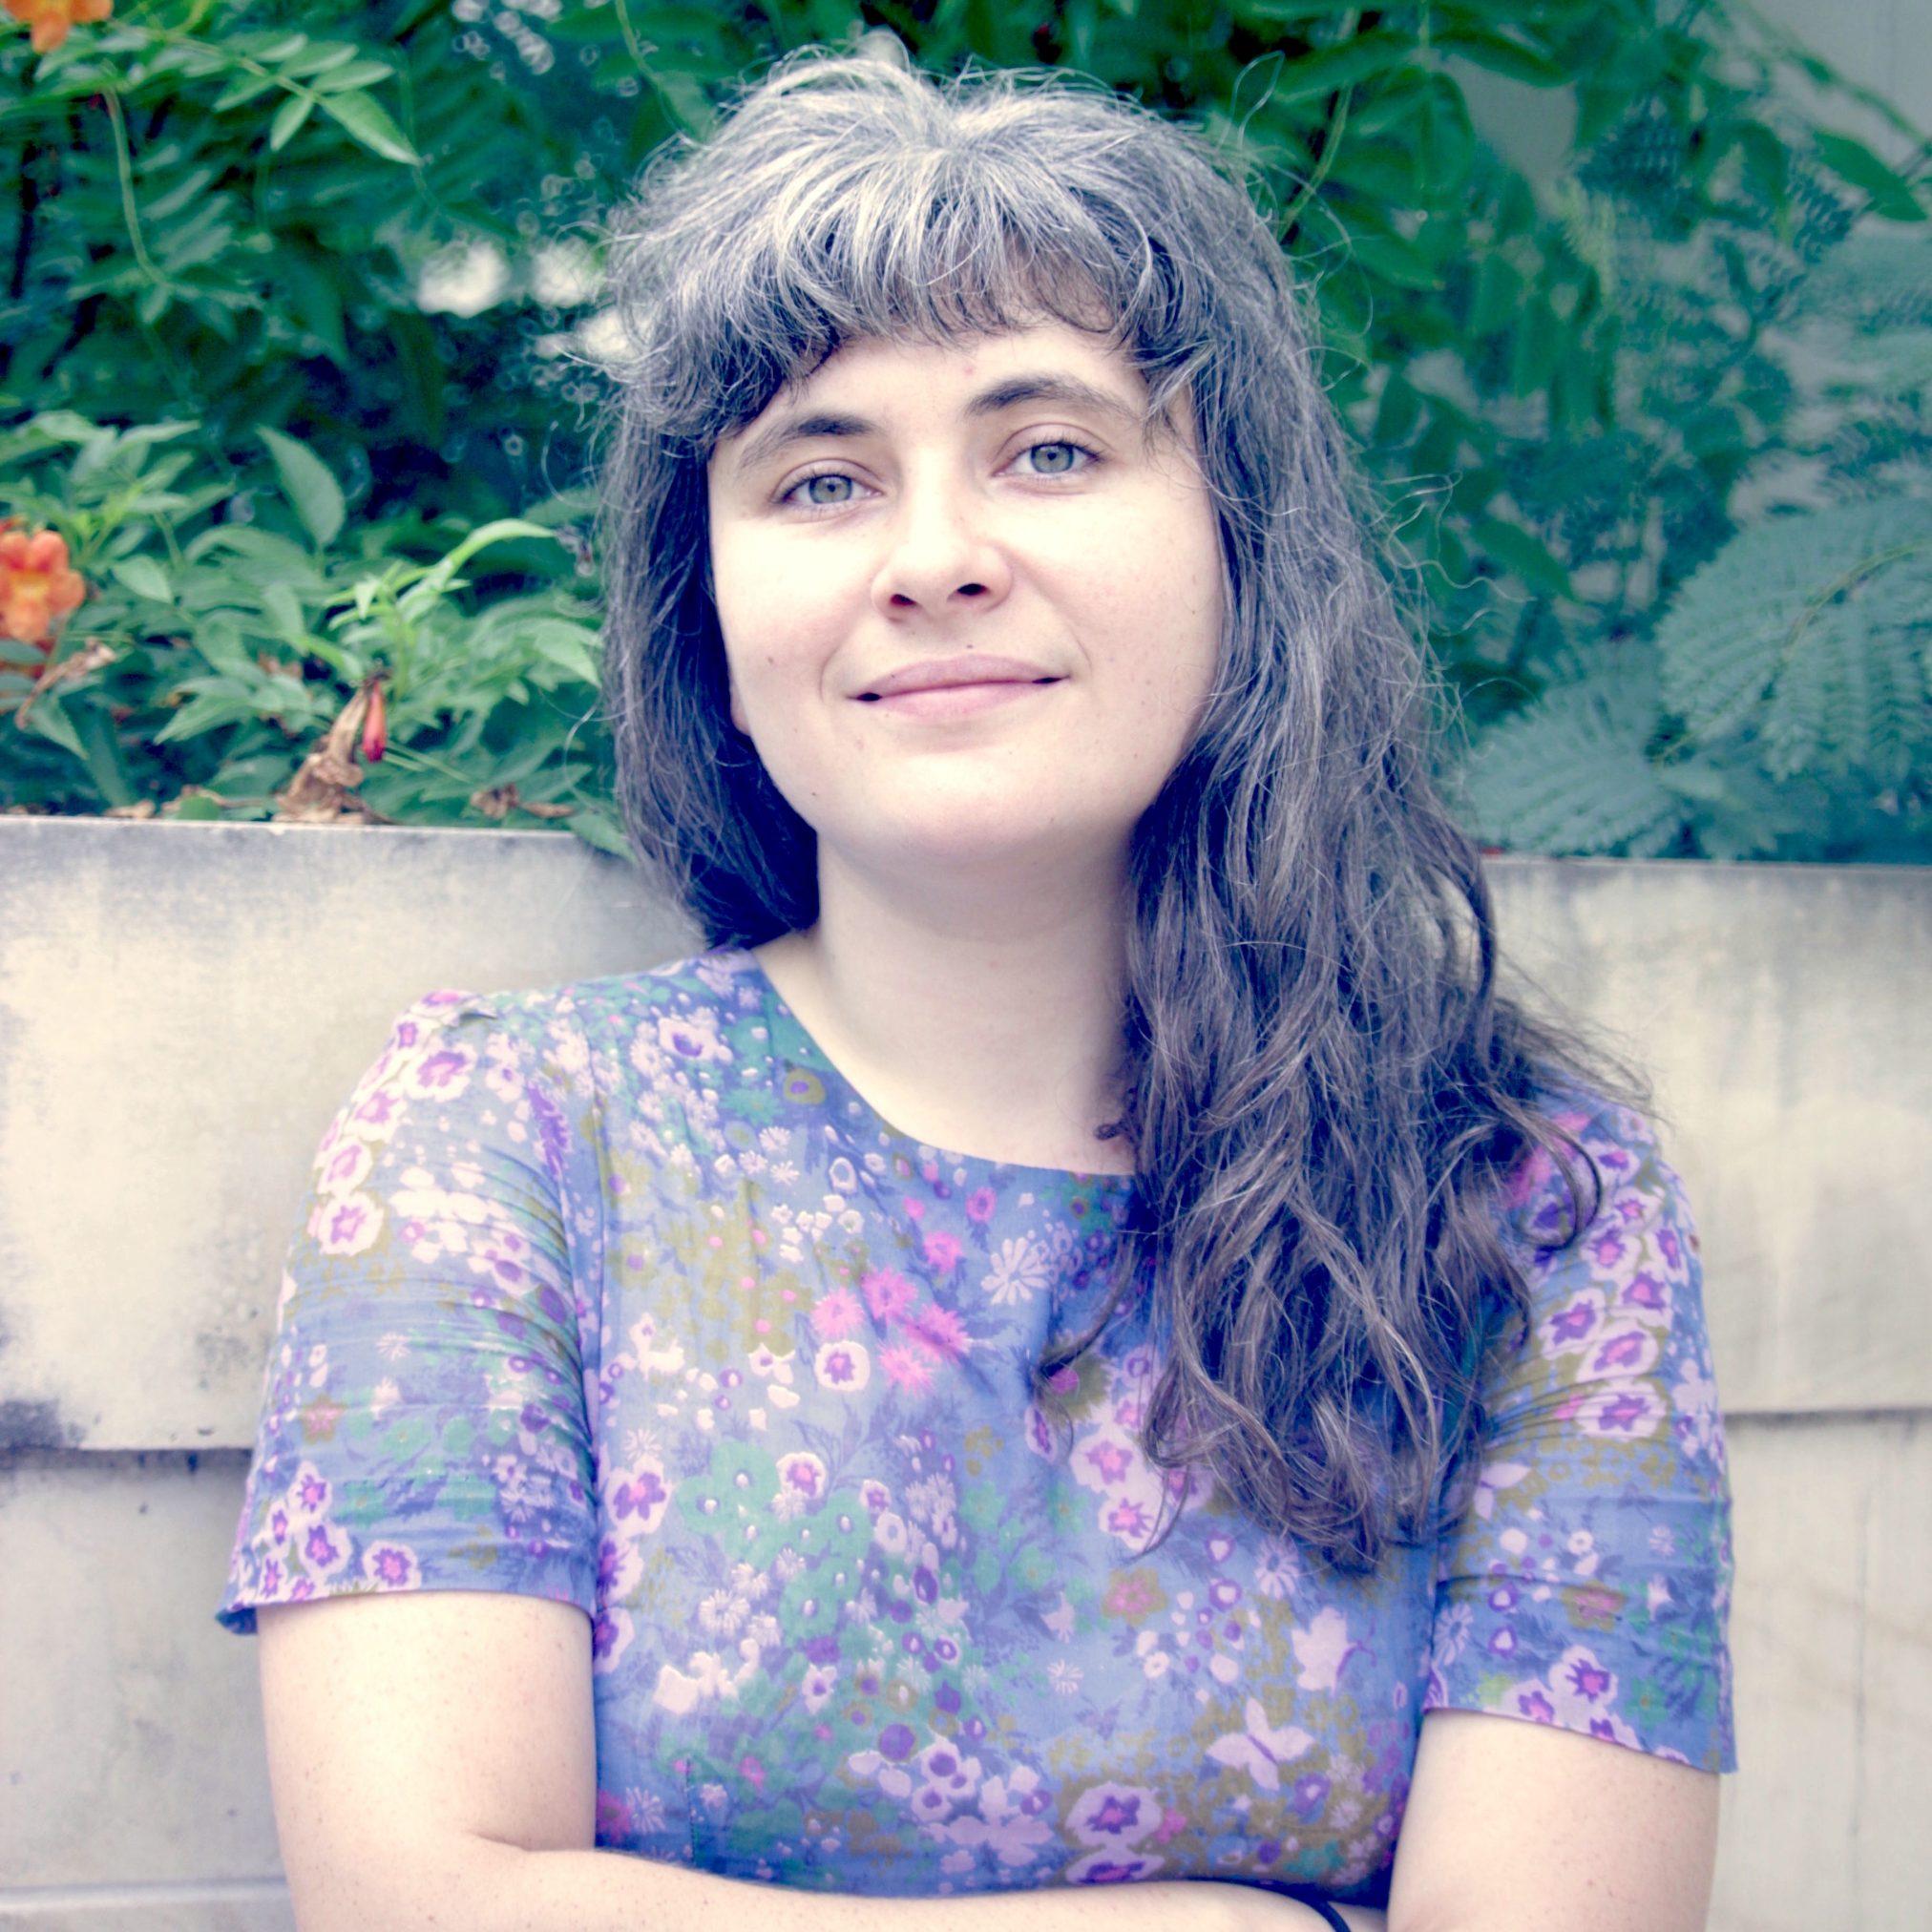 Headshot of Zoe Bursztajn-Illingworth